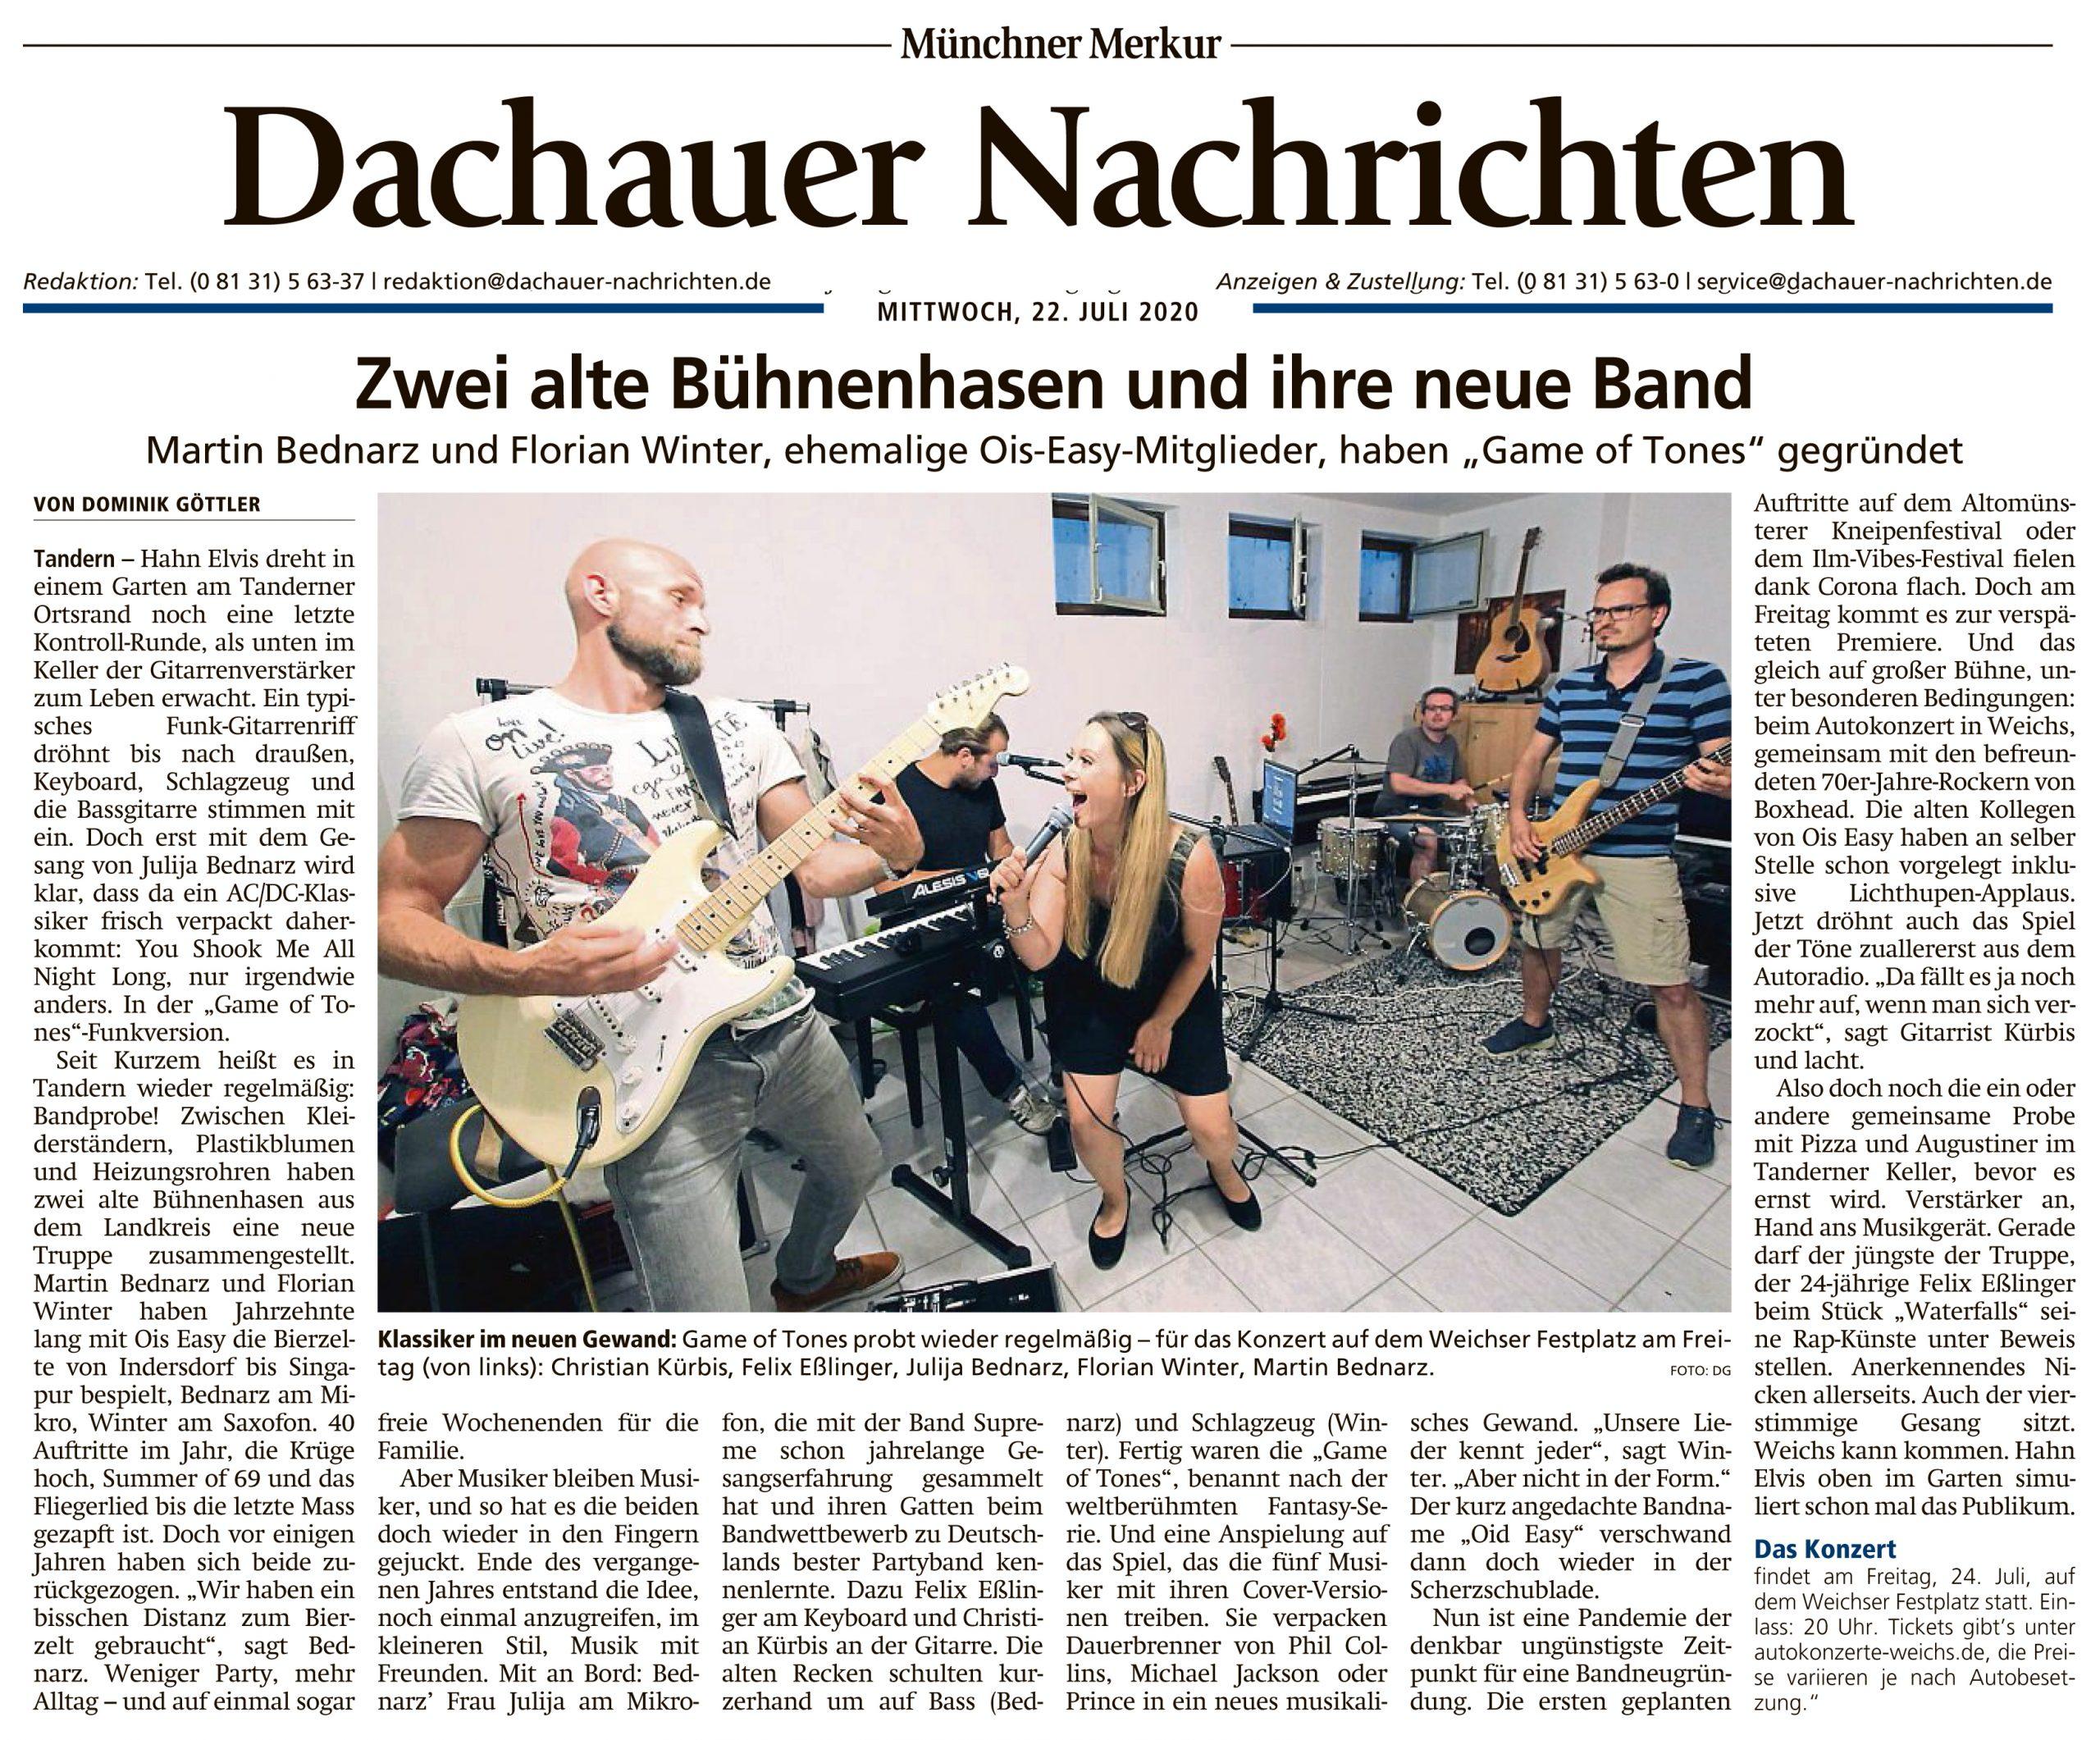 Dachauer Nachrichten